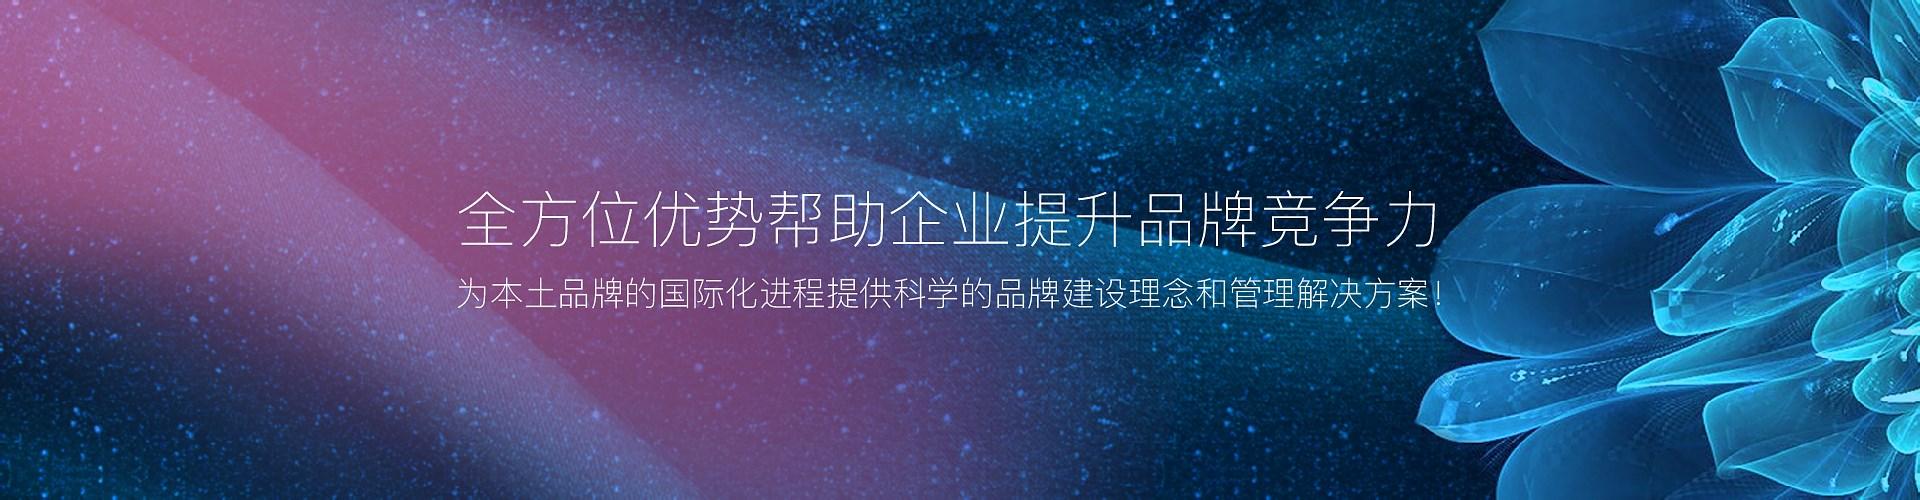 网站页面新加-04.jpg